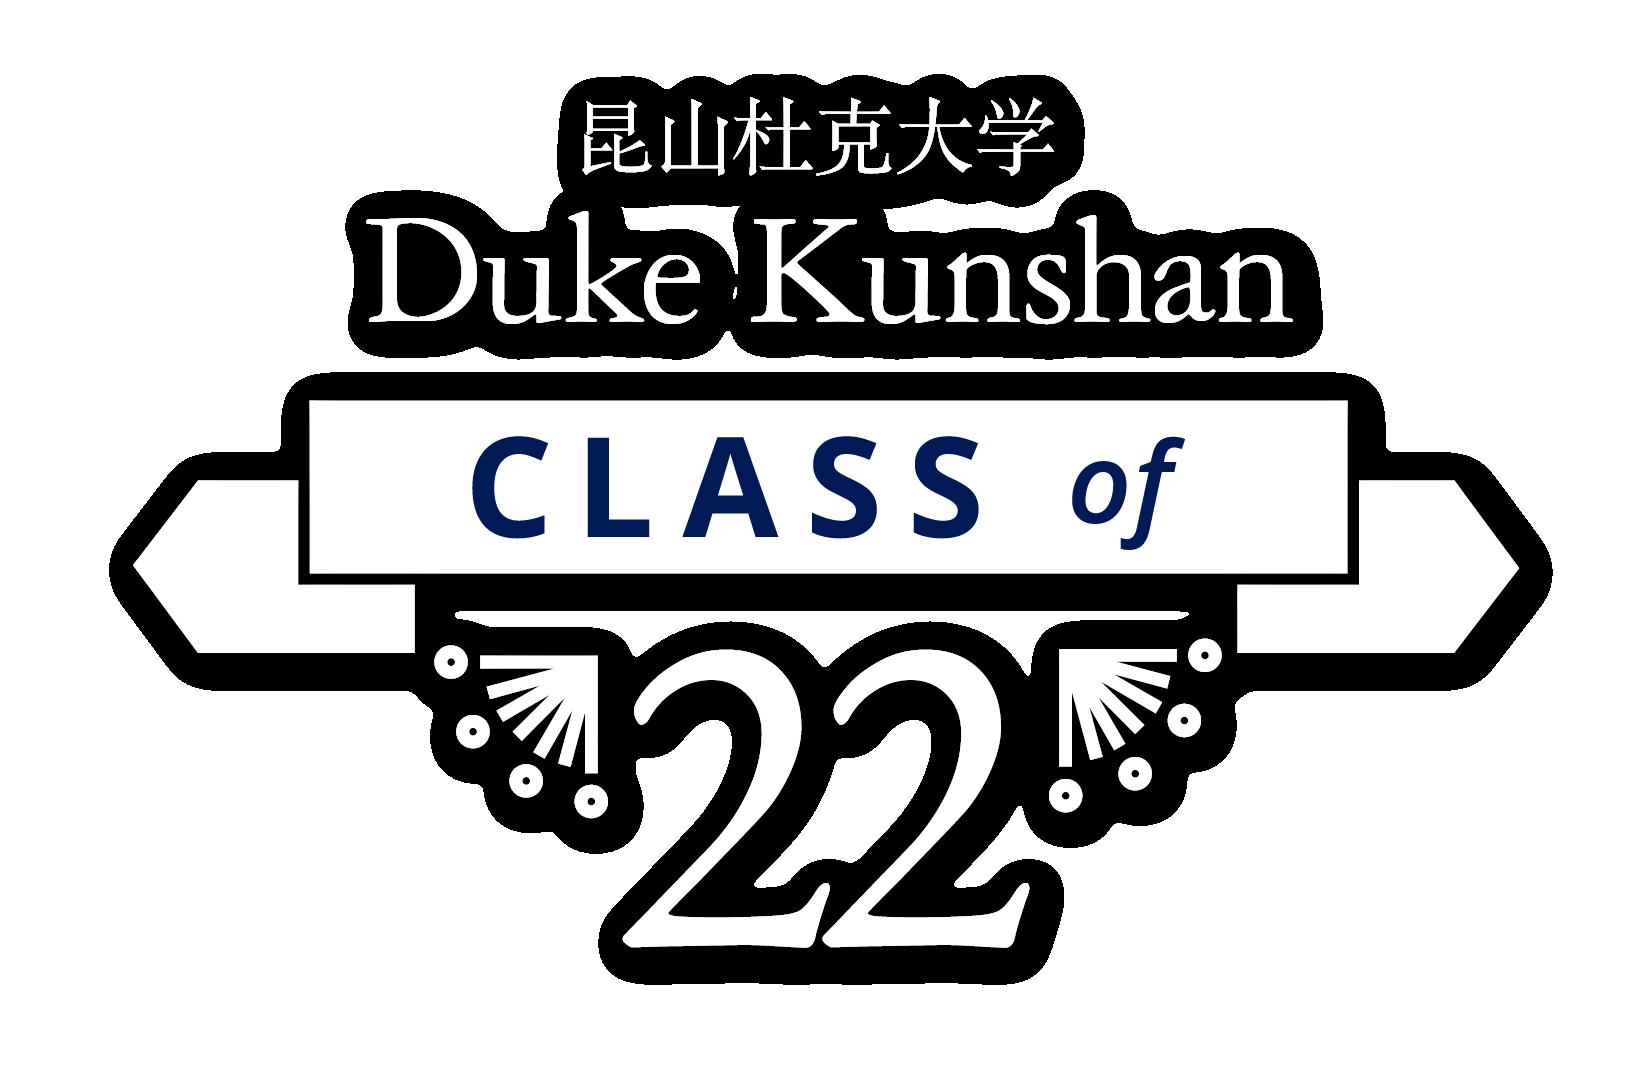 Folder clipart pocketed. Duke university kunshan class